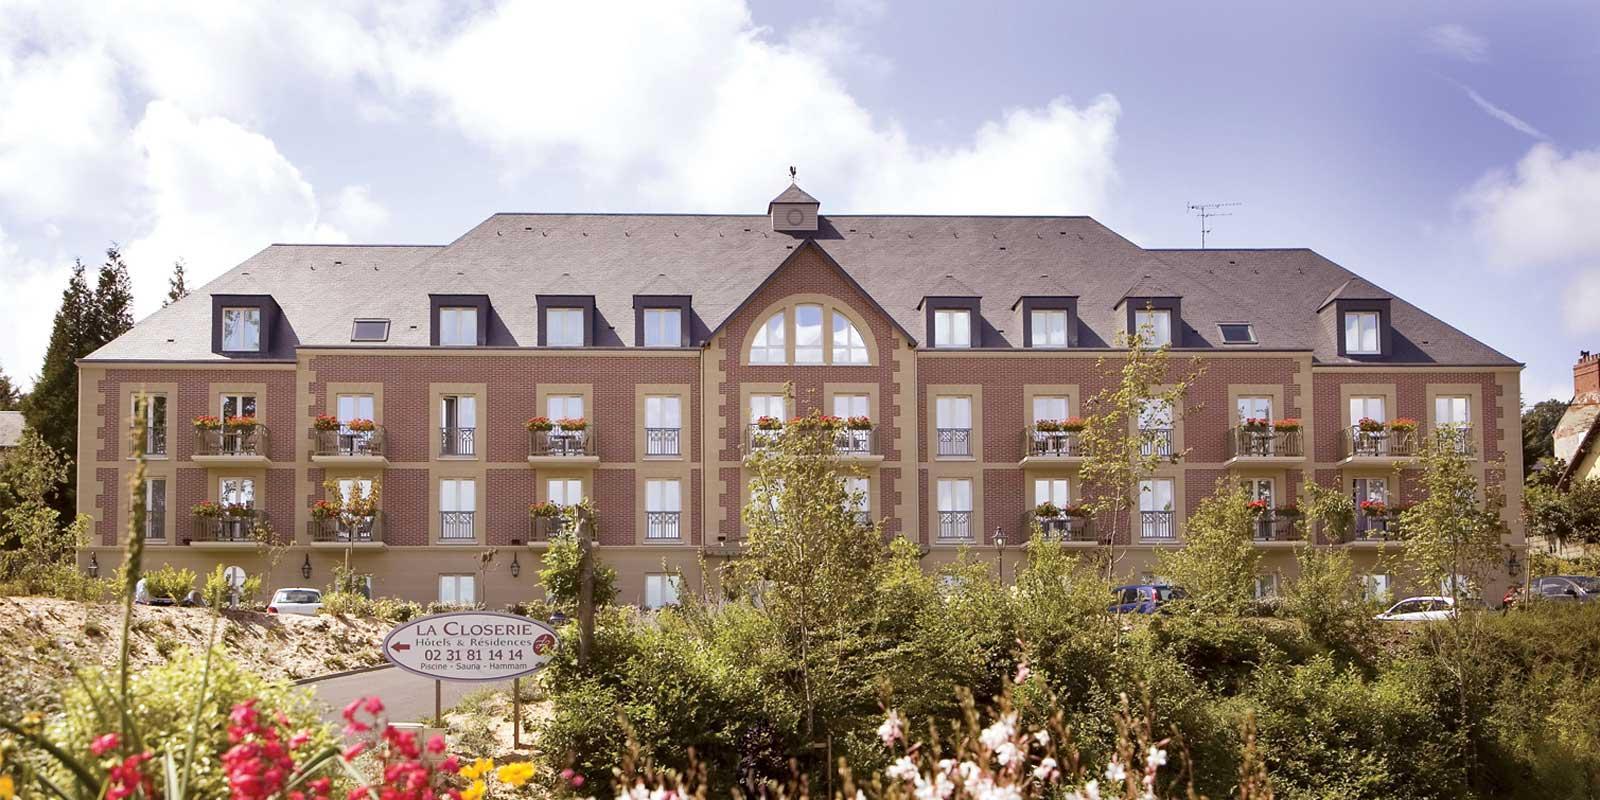 Hotel Honfleur La Closerie - Hotel en Normandie